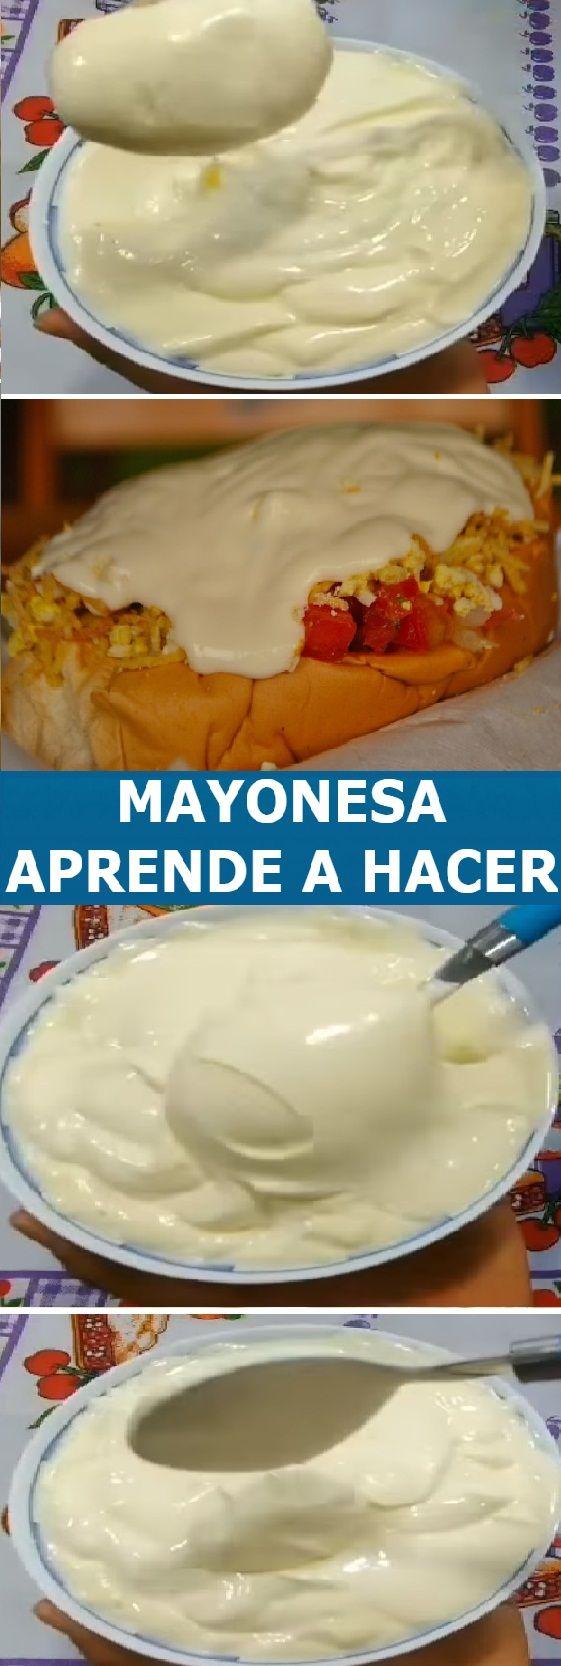 Pin De Lupita En Recetas Receta De Mayonesa Casera Recetas Fáciles De Comida Recetas Para Cocinar